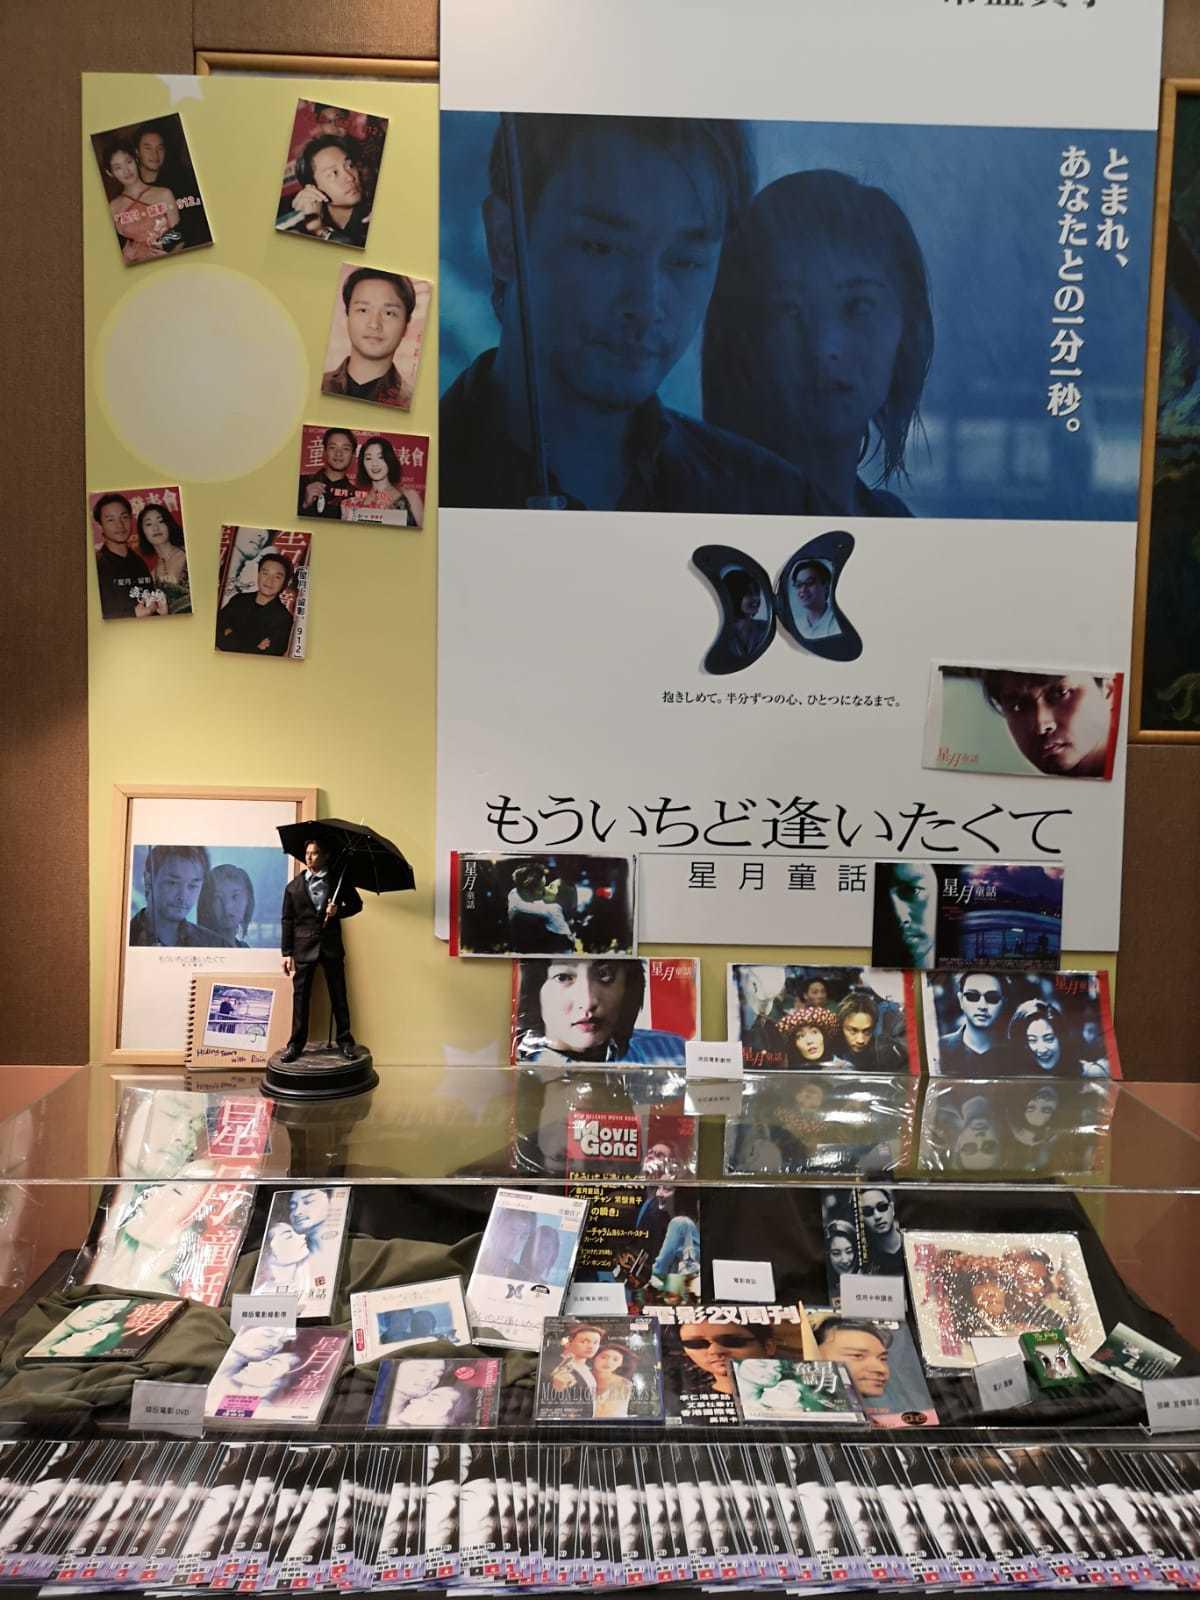 912イベント 星月童話 上映会_d0140584_08193469.jpg